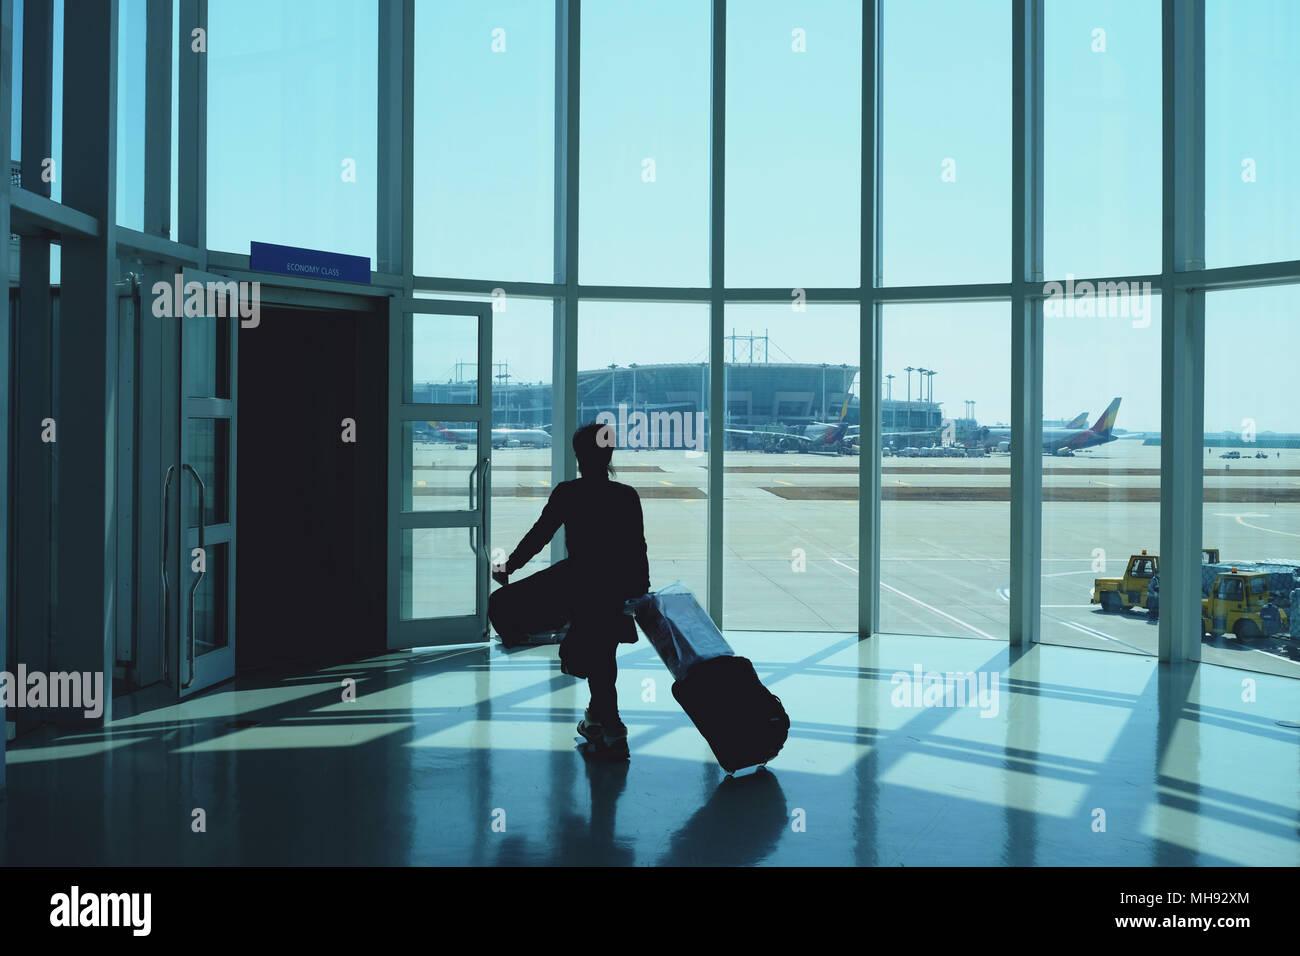 Frau ziehen ein kleines Gepäck am Flughafen Korridor führen zu Fuß zu Gates Silhouette Stockbild